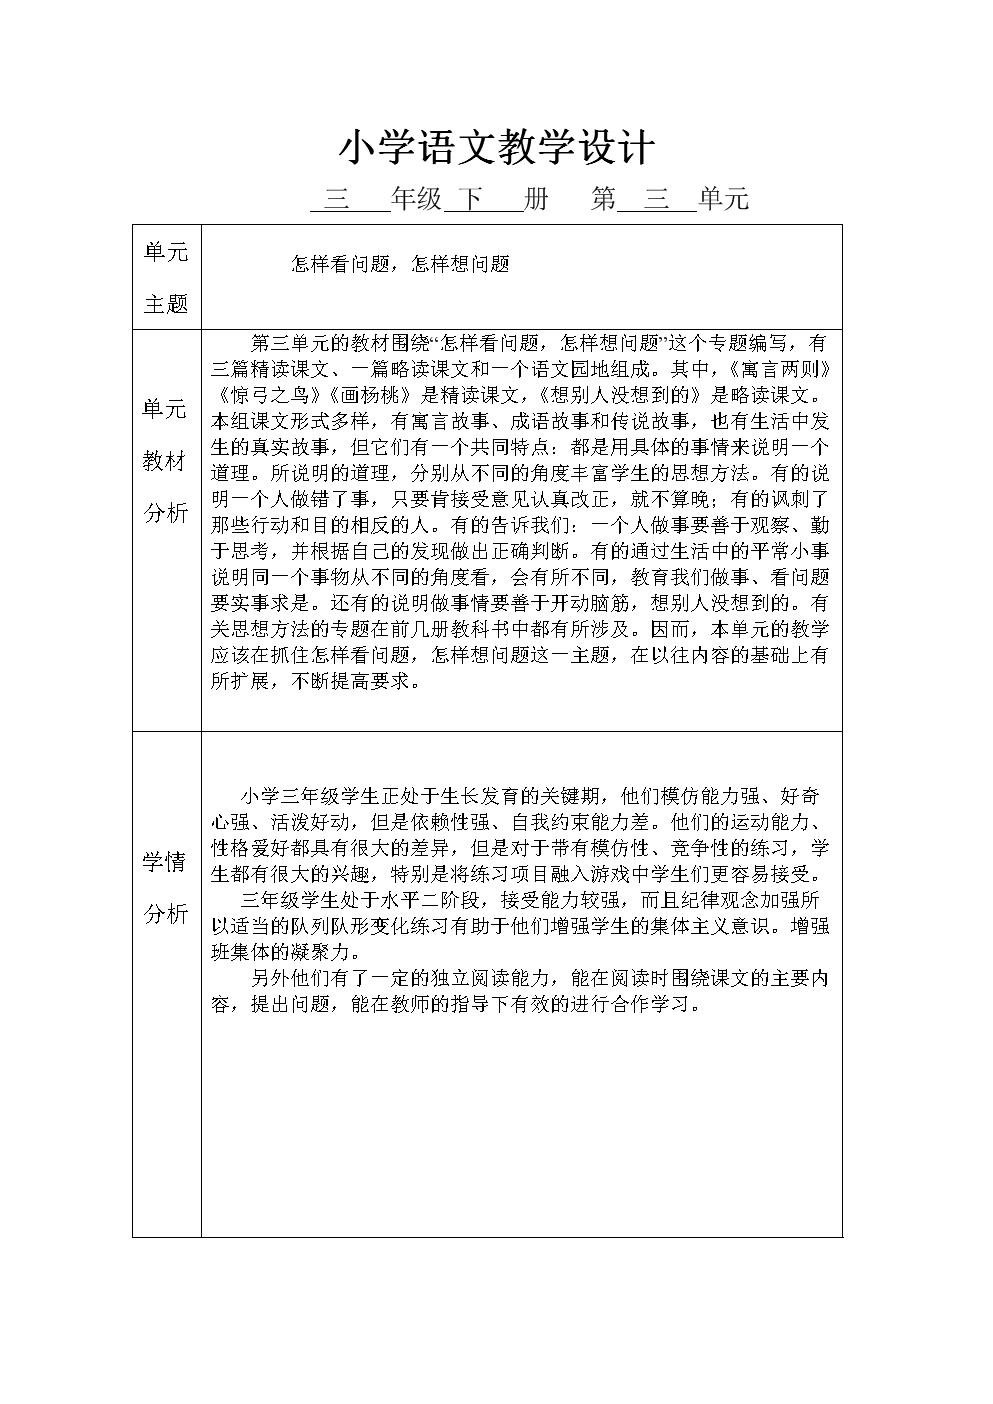 三电子名师下册年级单元第三语文年级版.docx教案下北版教材四师人教图片